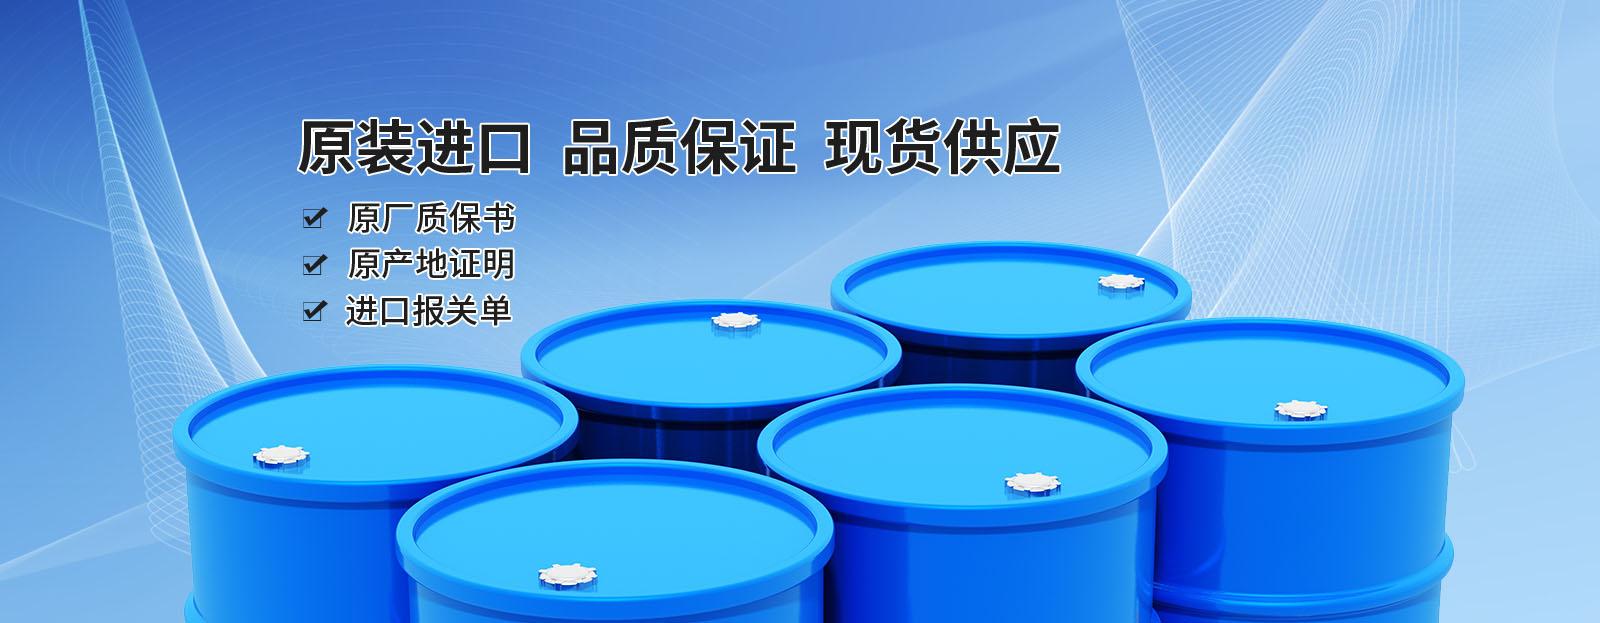 上海凯进贸易有限公司